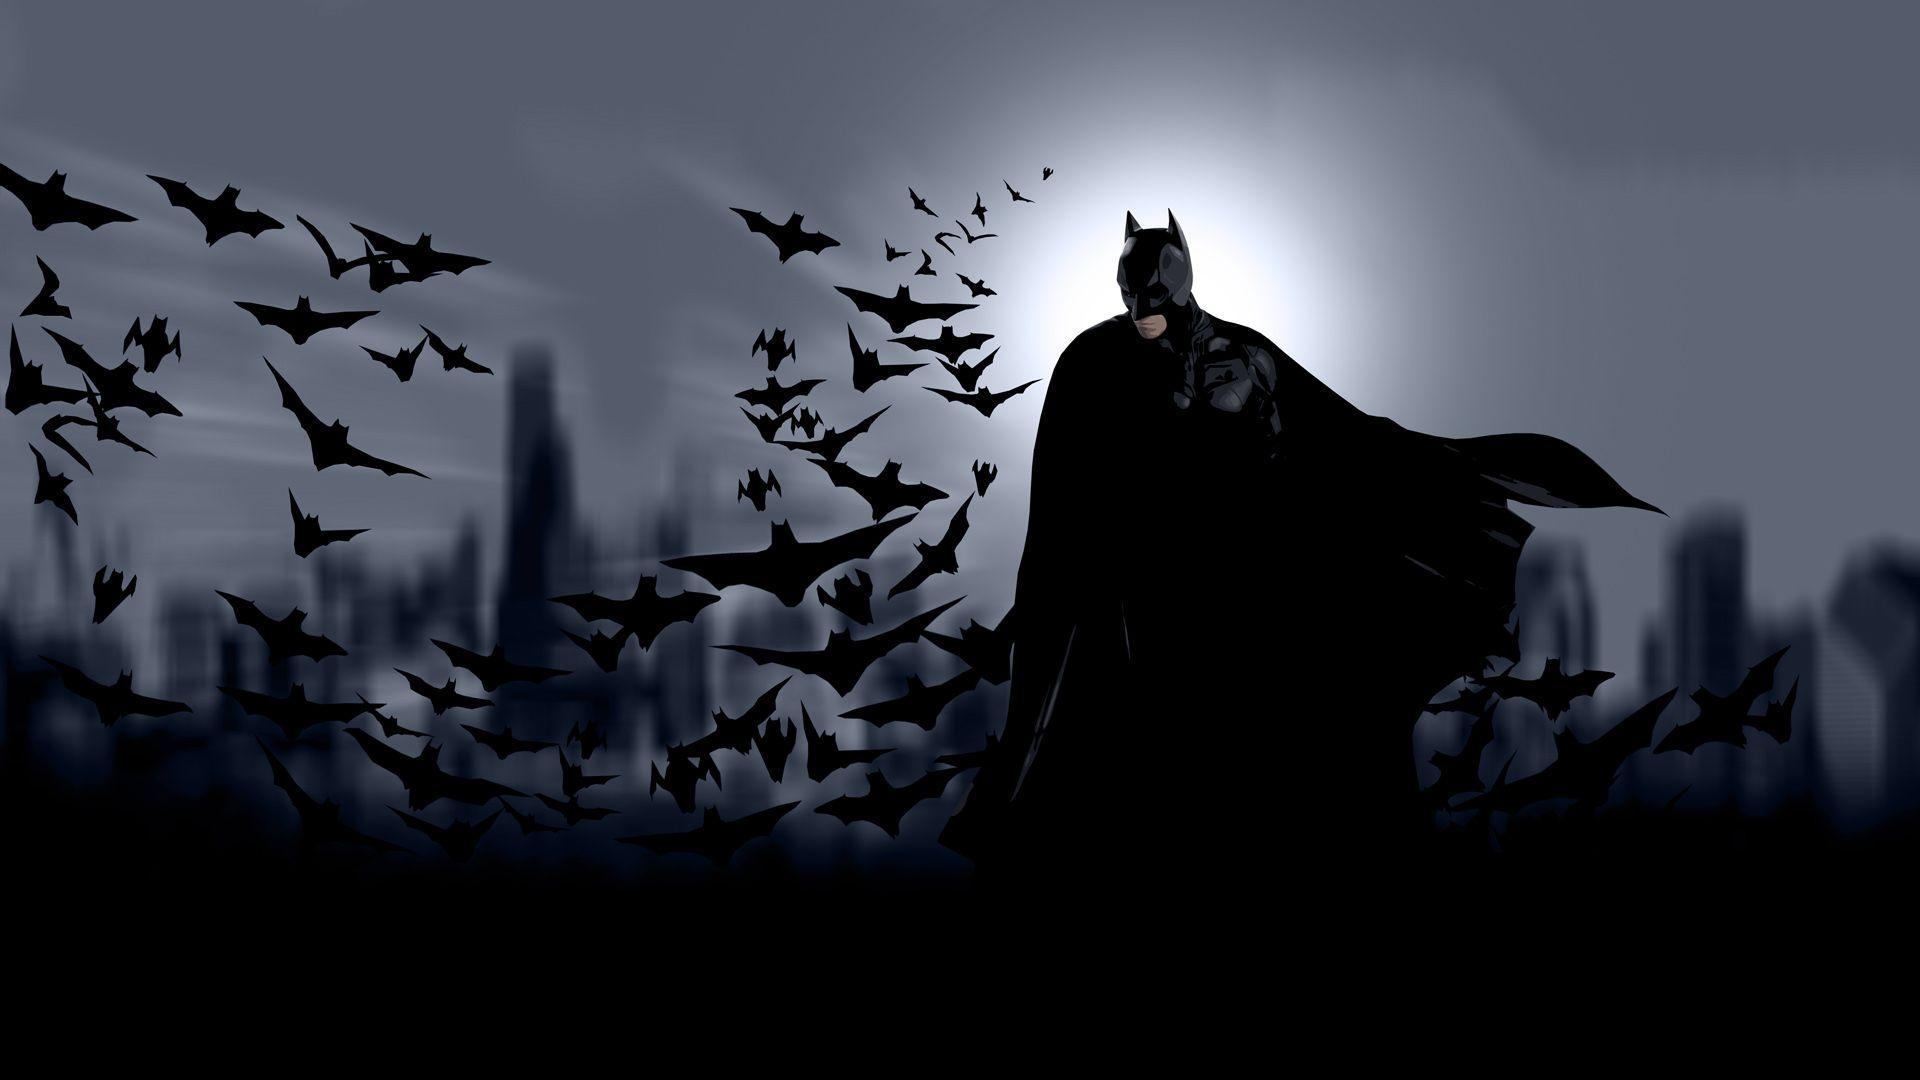 batman hd live wallpaper download batman hd live wallpaper 1920a—1080